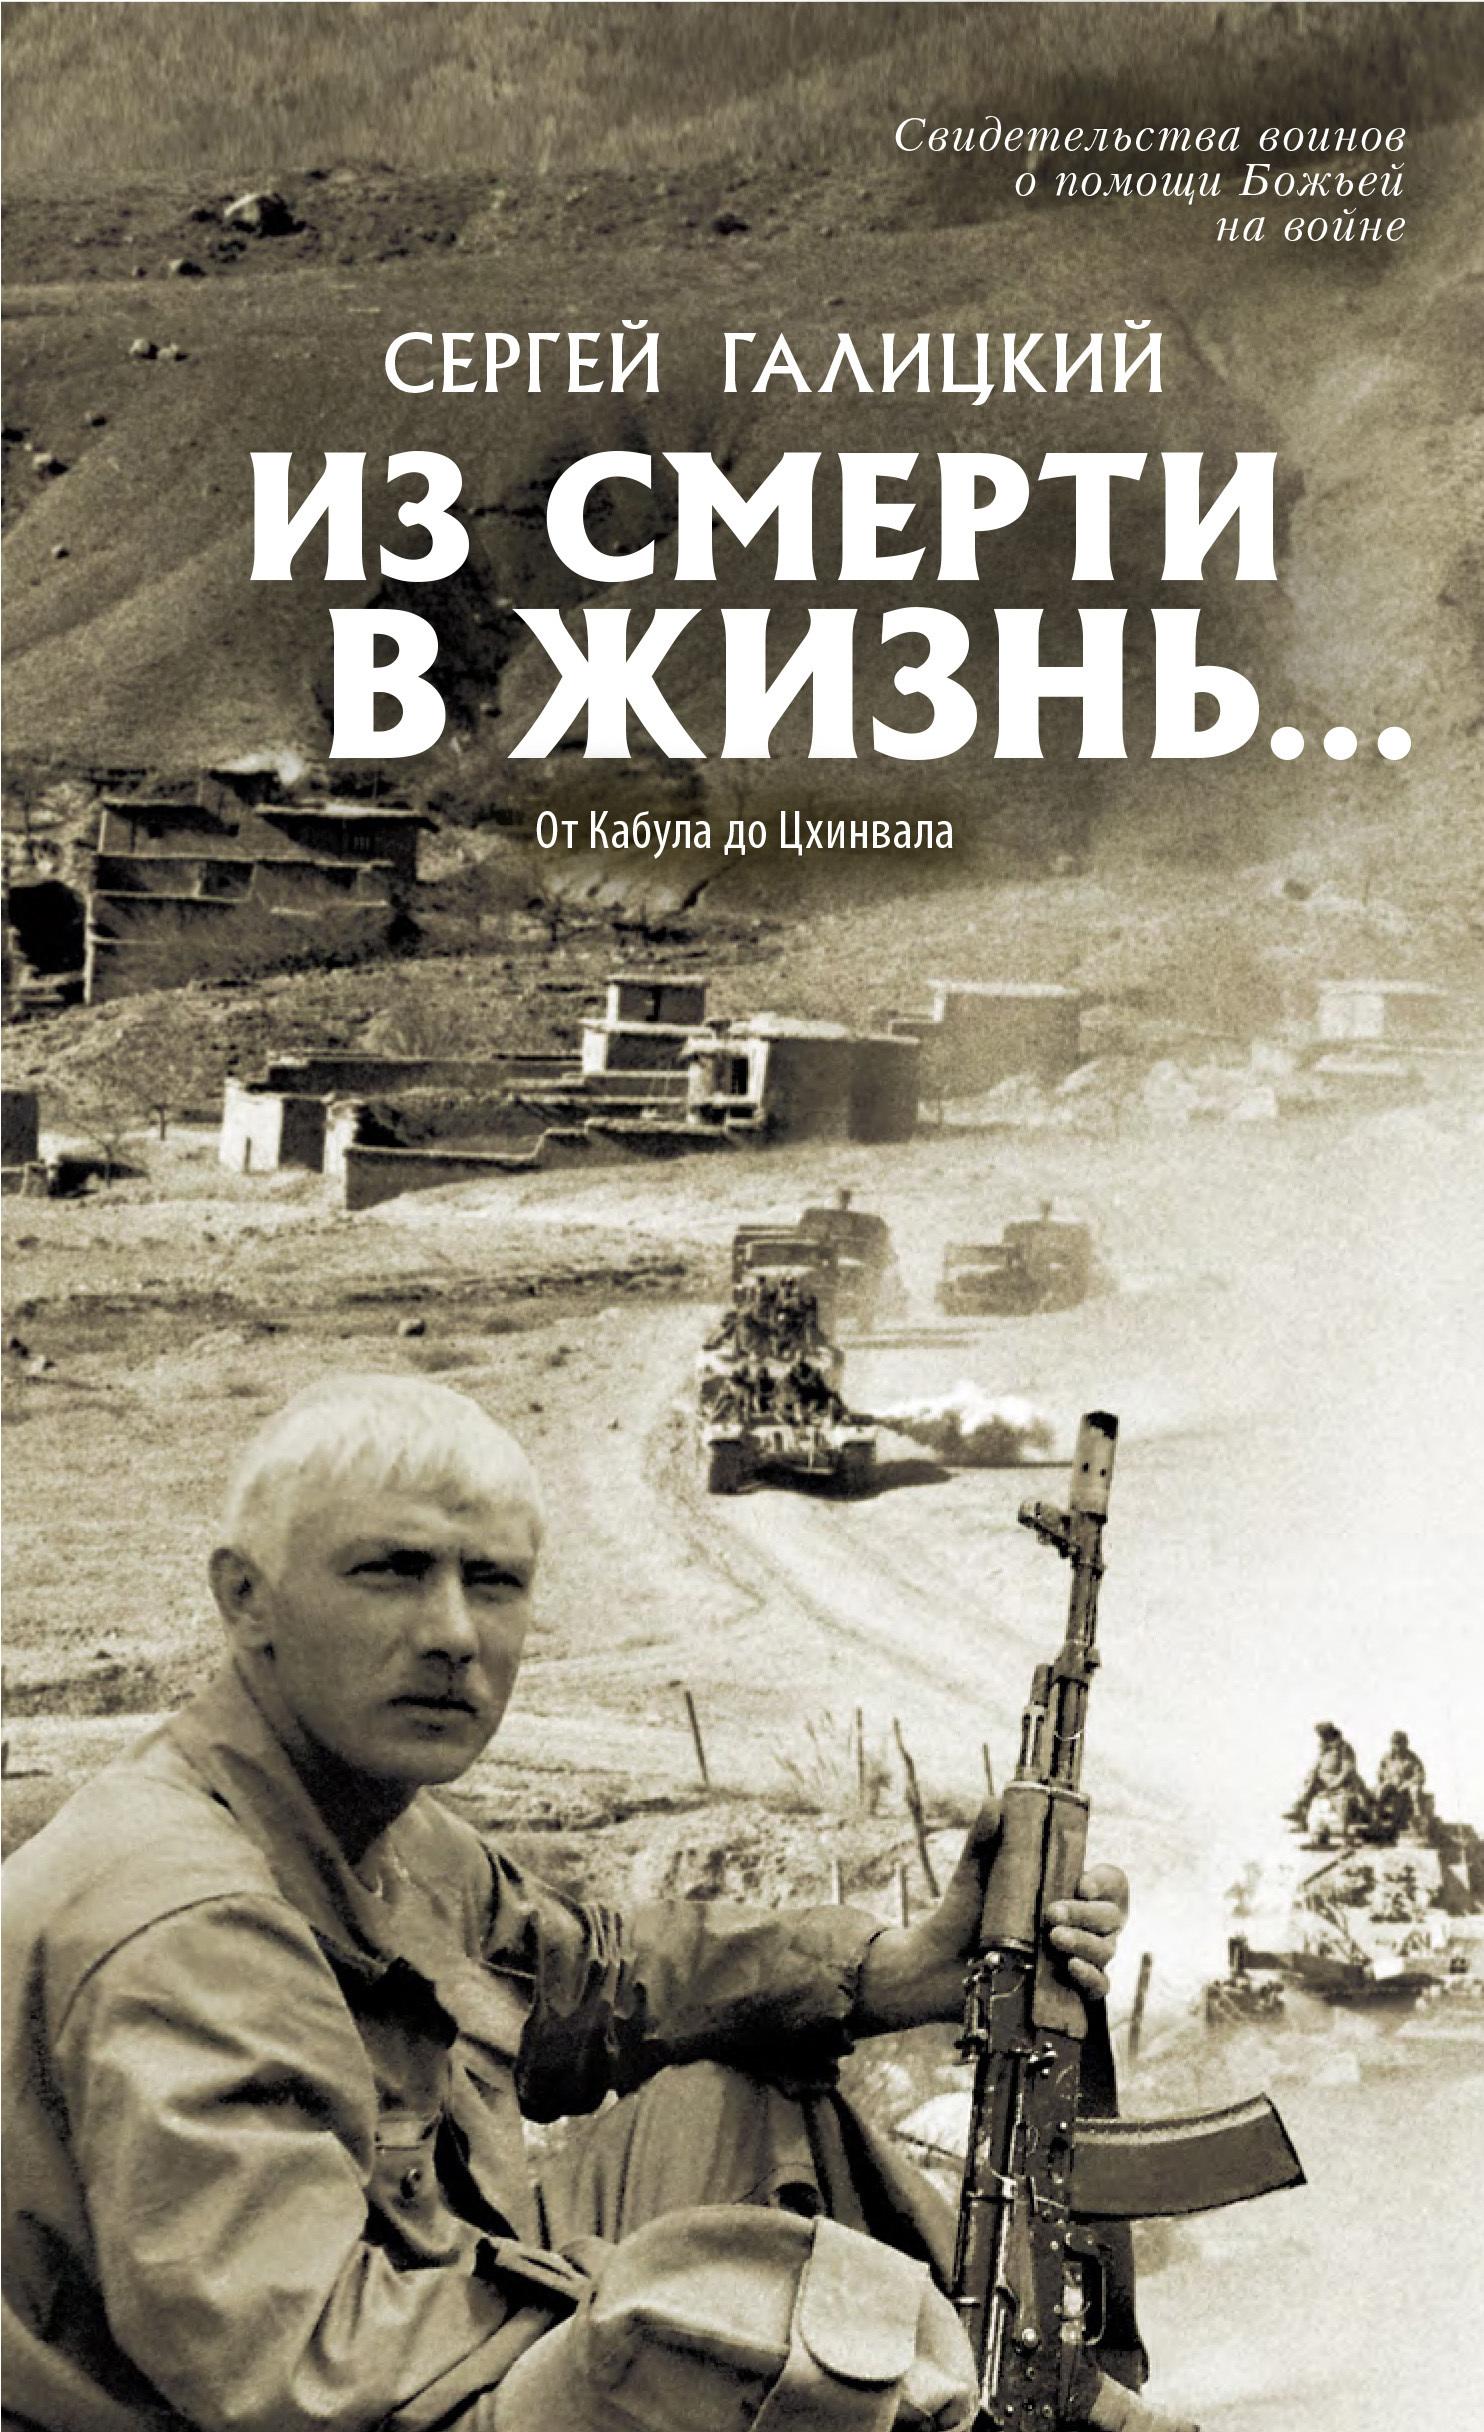 Сергей Галицкий - Из смерти в жизнь… От Кабула до Цхинвала